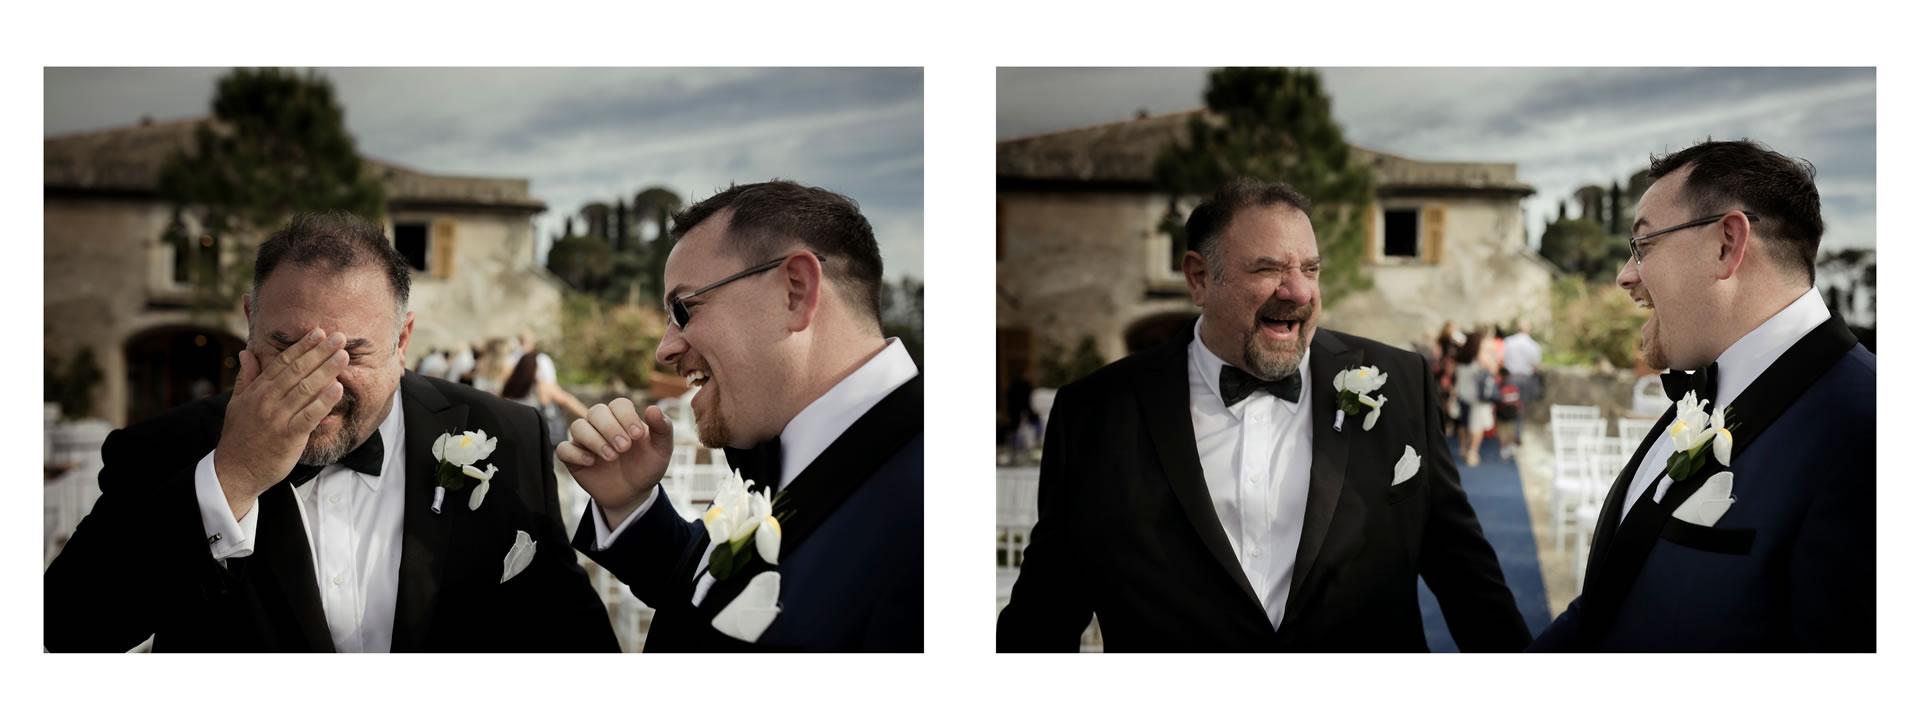 same-sex-love-in-portofino-david-bastianoni-photographer-00020 - 20 :: Wedding in Portofino // WPPI 2018 // The man that I love :: Luxury wedding photography - 19 :: same-sex-love-in-portofino-david-bastianoni-photographer-00020 - 20